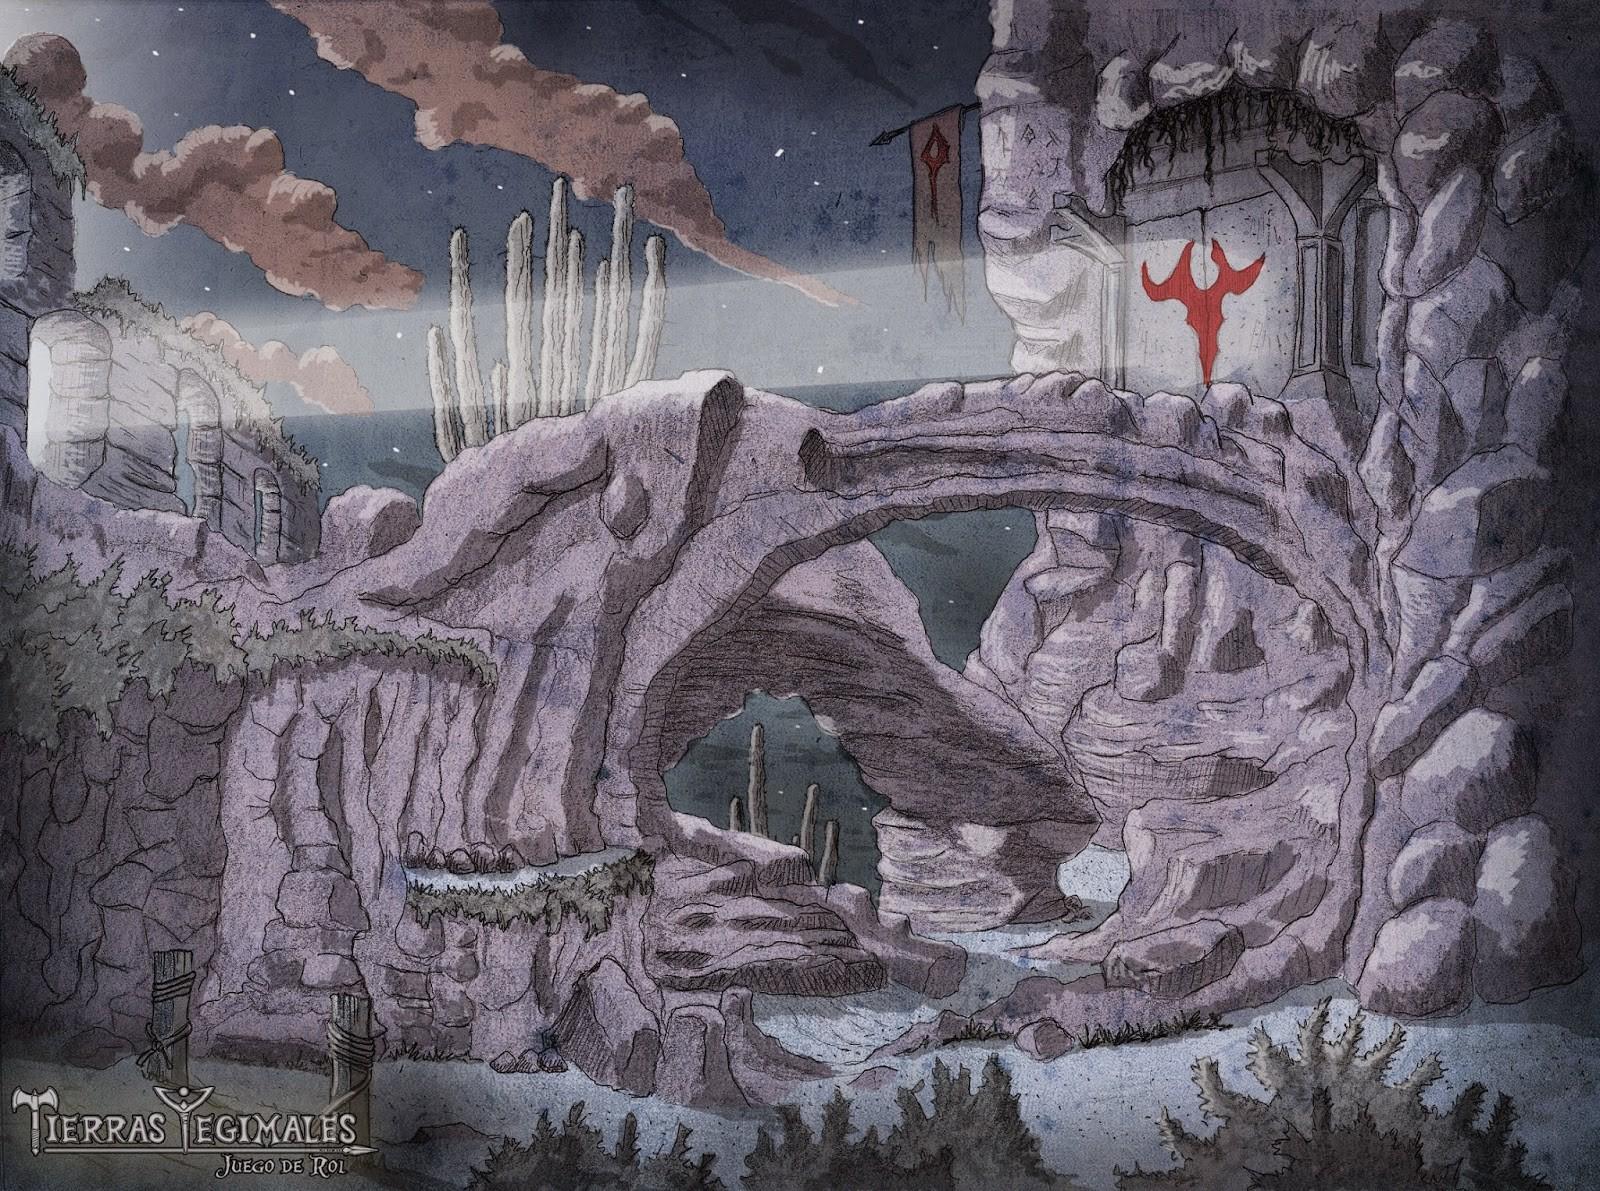 Daniel menendez reino de khenat